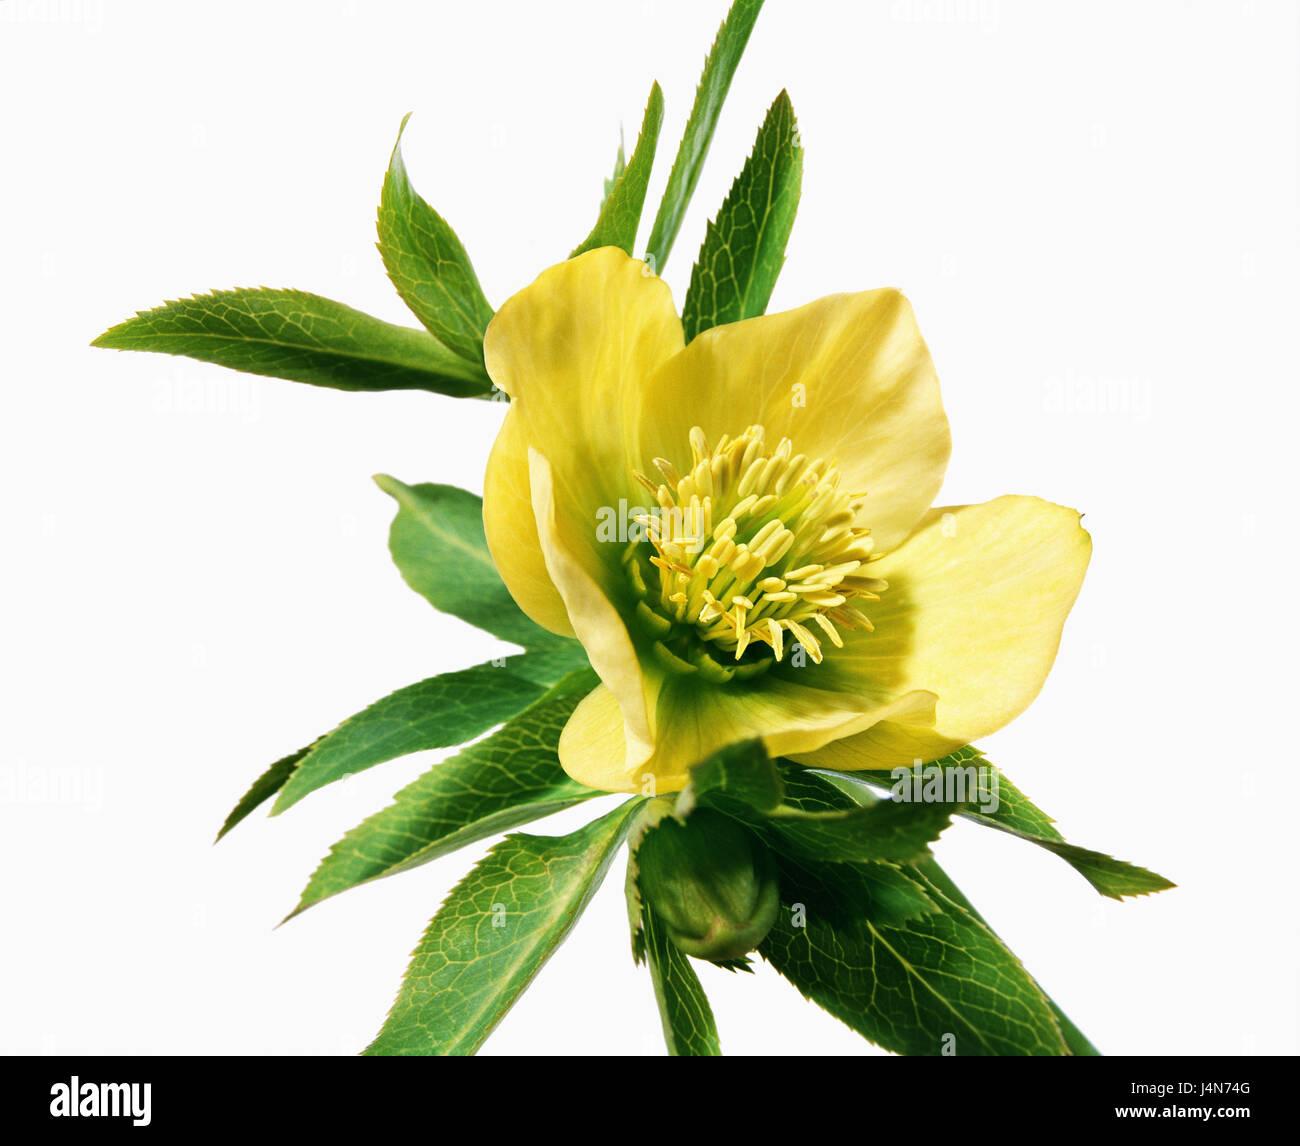 Christmas rose, name: Ballards Hybrid 'Ingot', - Stock Image